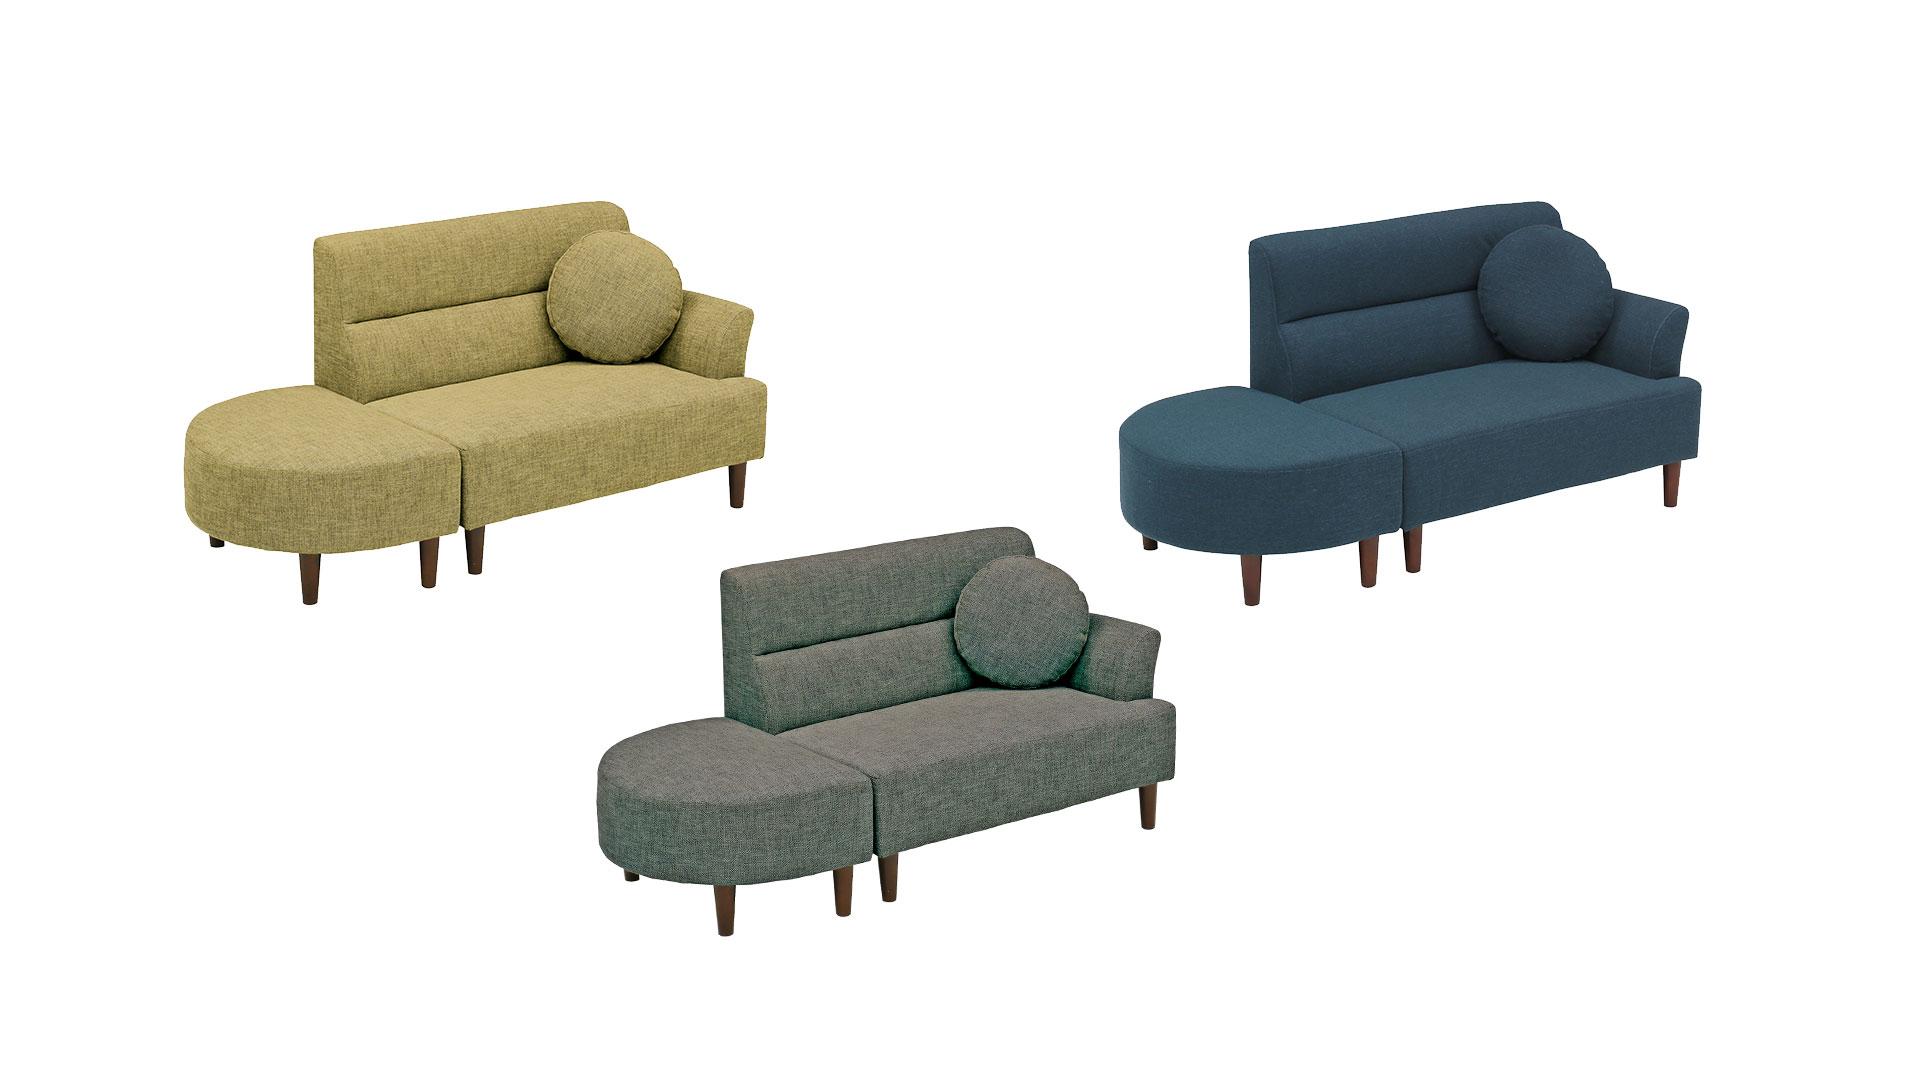 リビンズのソファ「オデッサ」の3色の画像